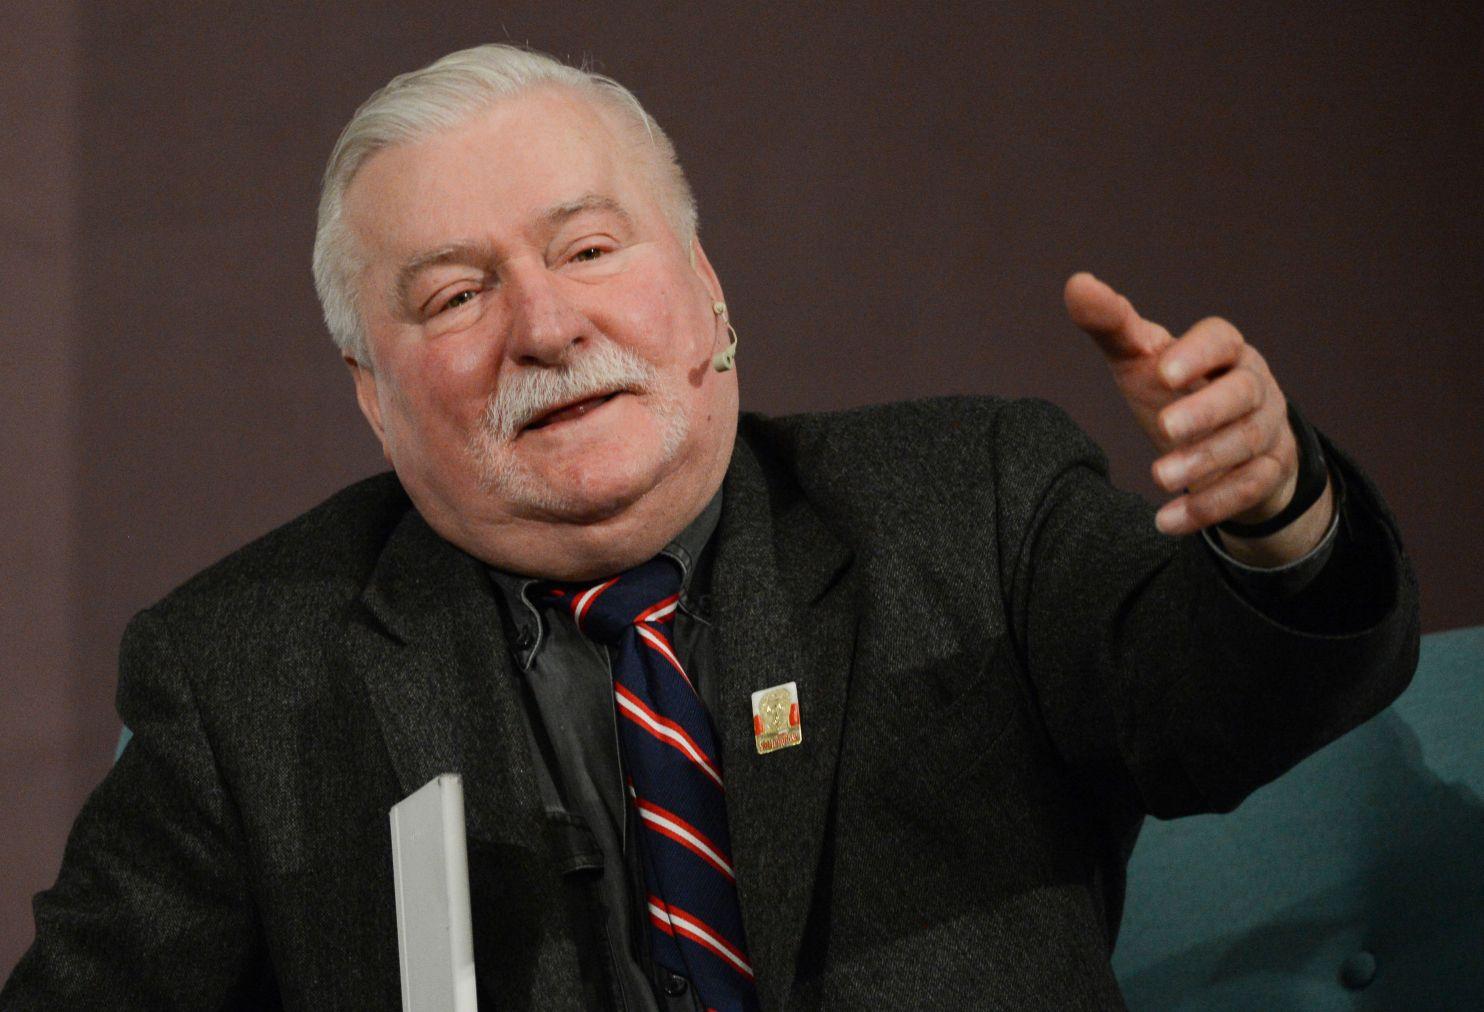 Валенса заявил, что на ссорах России и Польши зарабатывает Америка